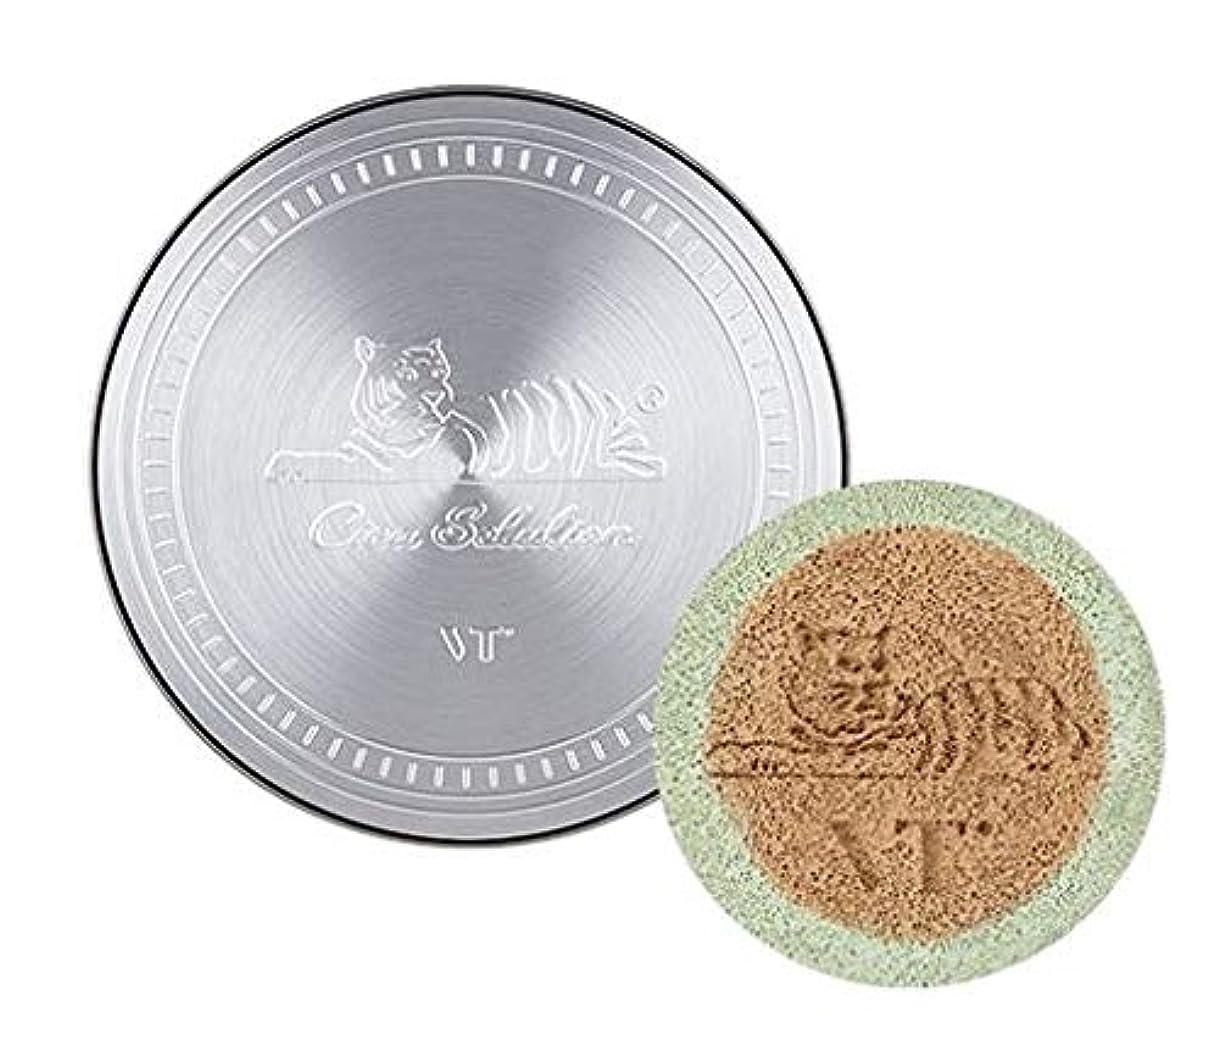 マット現実儀式VT Cica Redness Cover Cushion /ドネスカバークッション本品14g+リフィル14g(#21号ライトベージュ) [並行輸入品]